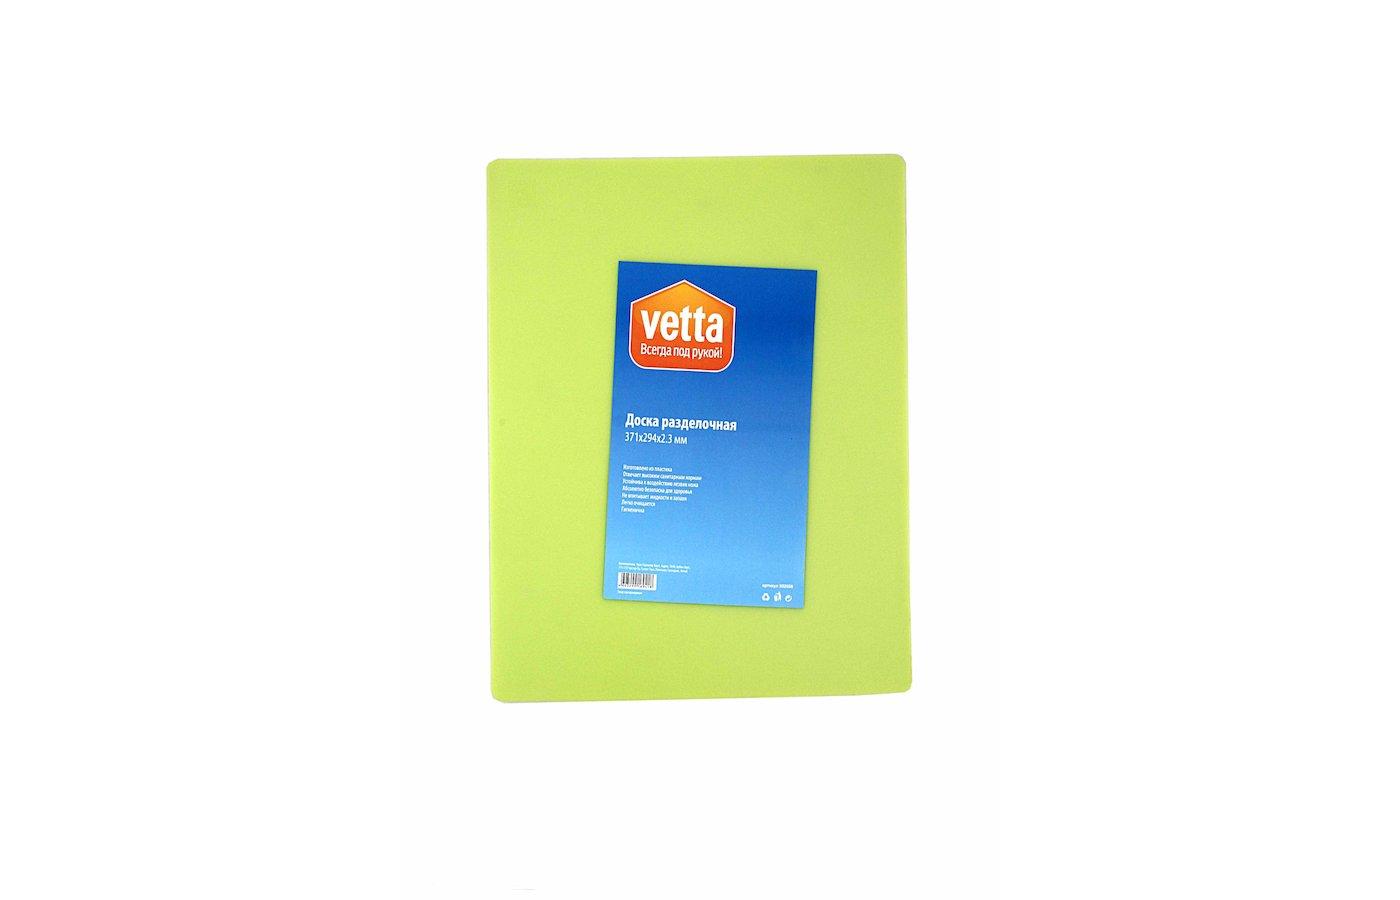 Разделочная доска VETTA 852-058 Гибкая 38х30cм